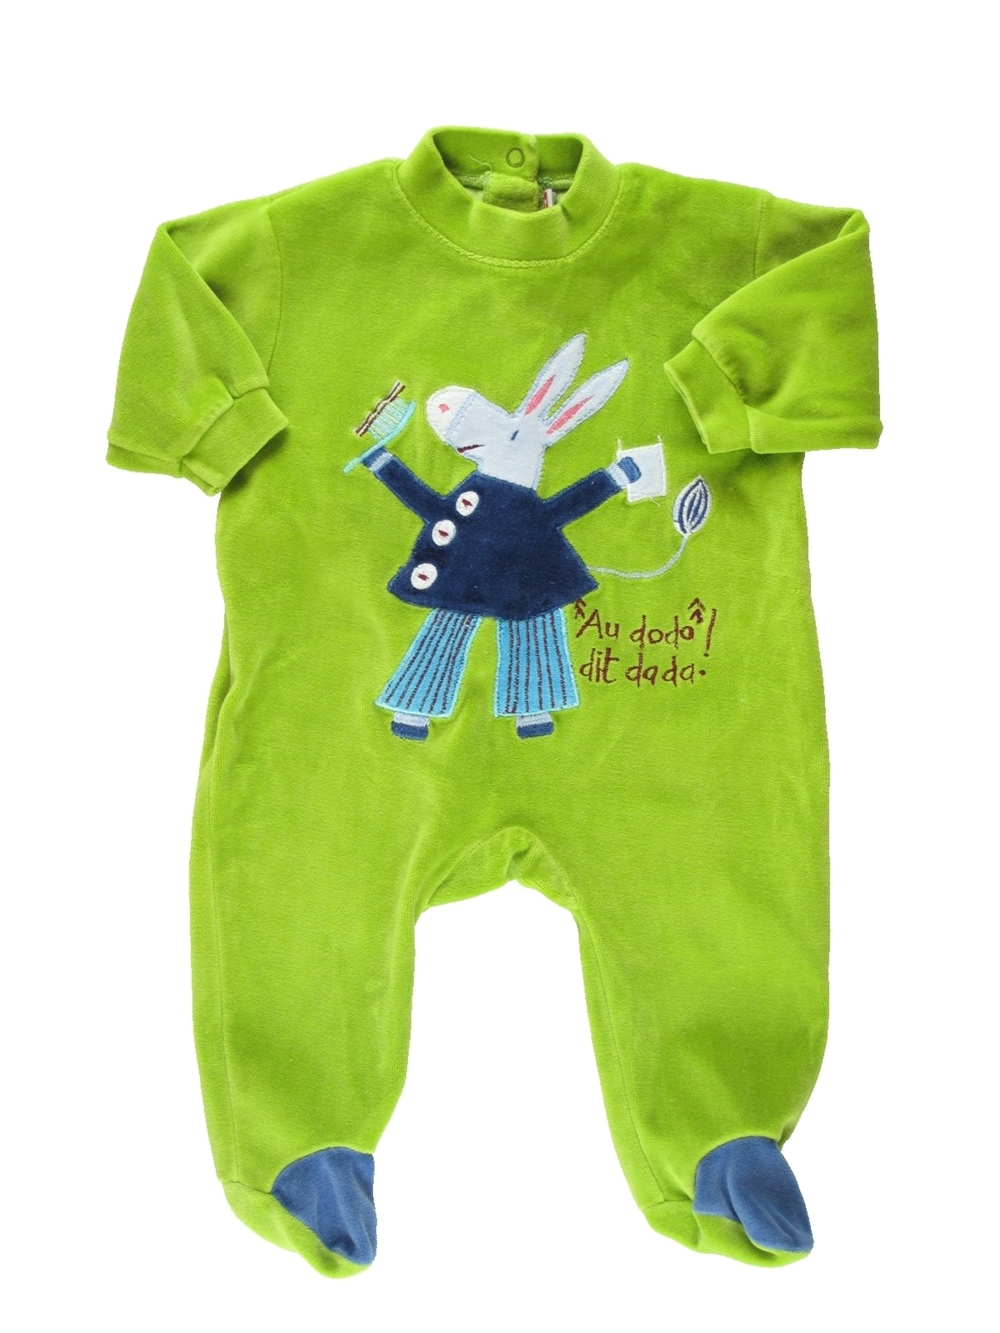 52e35ded72c9d Pyjama 1 piece vert DPAM du 1 mois pour Garcon - 367290